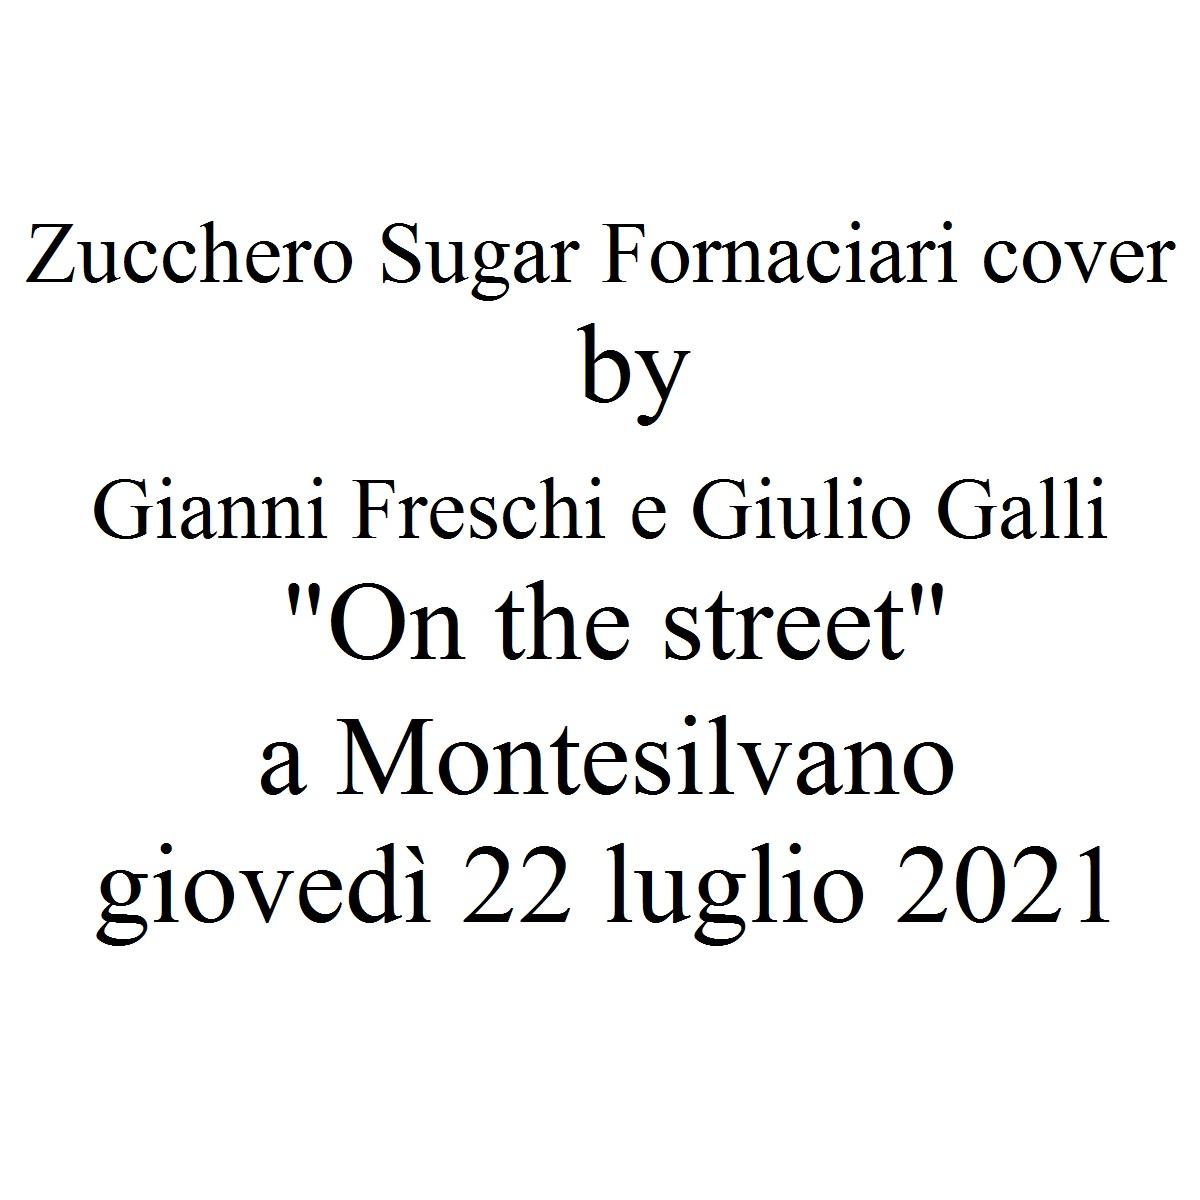 Zucchero Sugar Fornaciari cover by Gianni Freschi e Giulio Galli On the street a Montesilvano giovedì 22 luglio 2021 foto